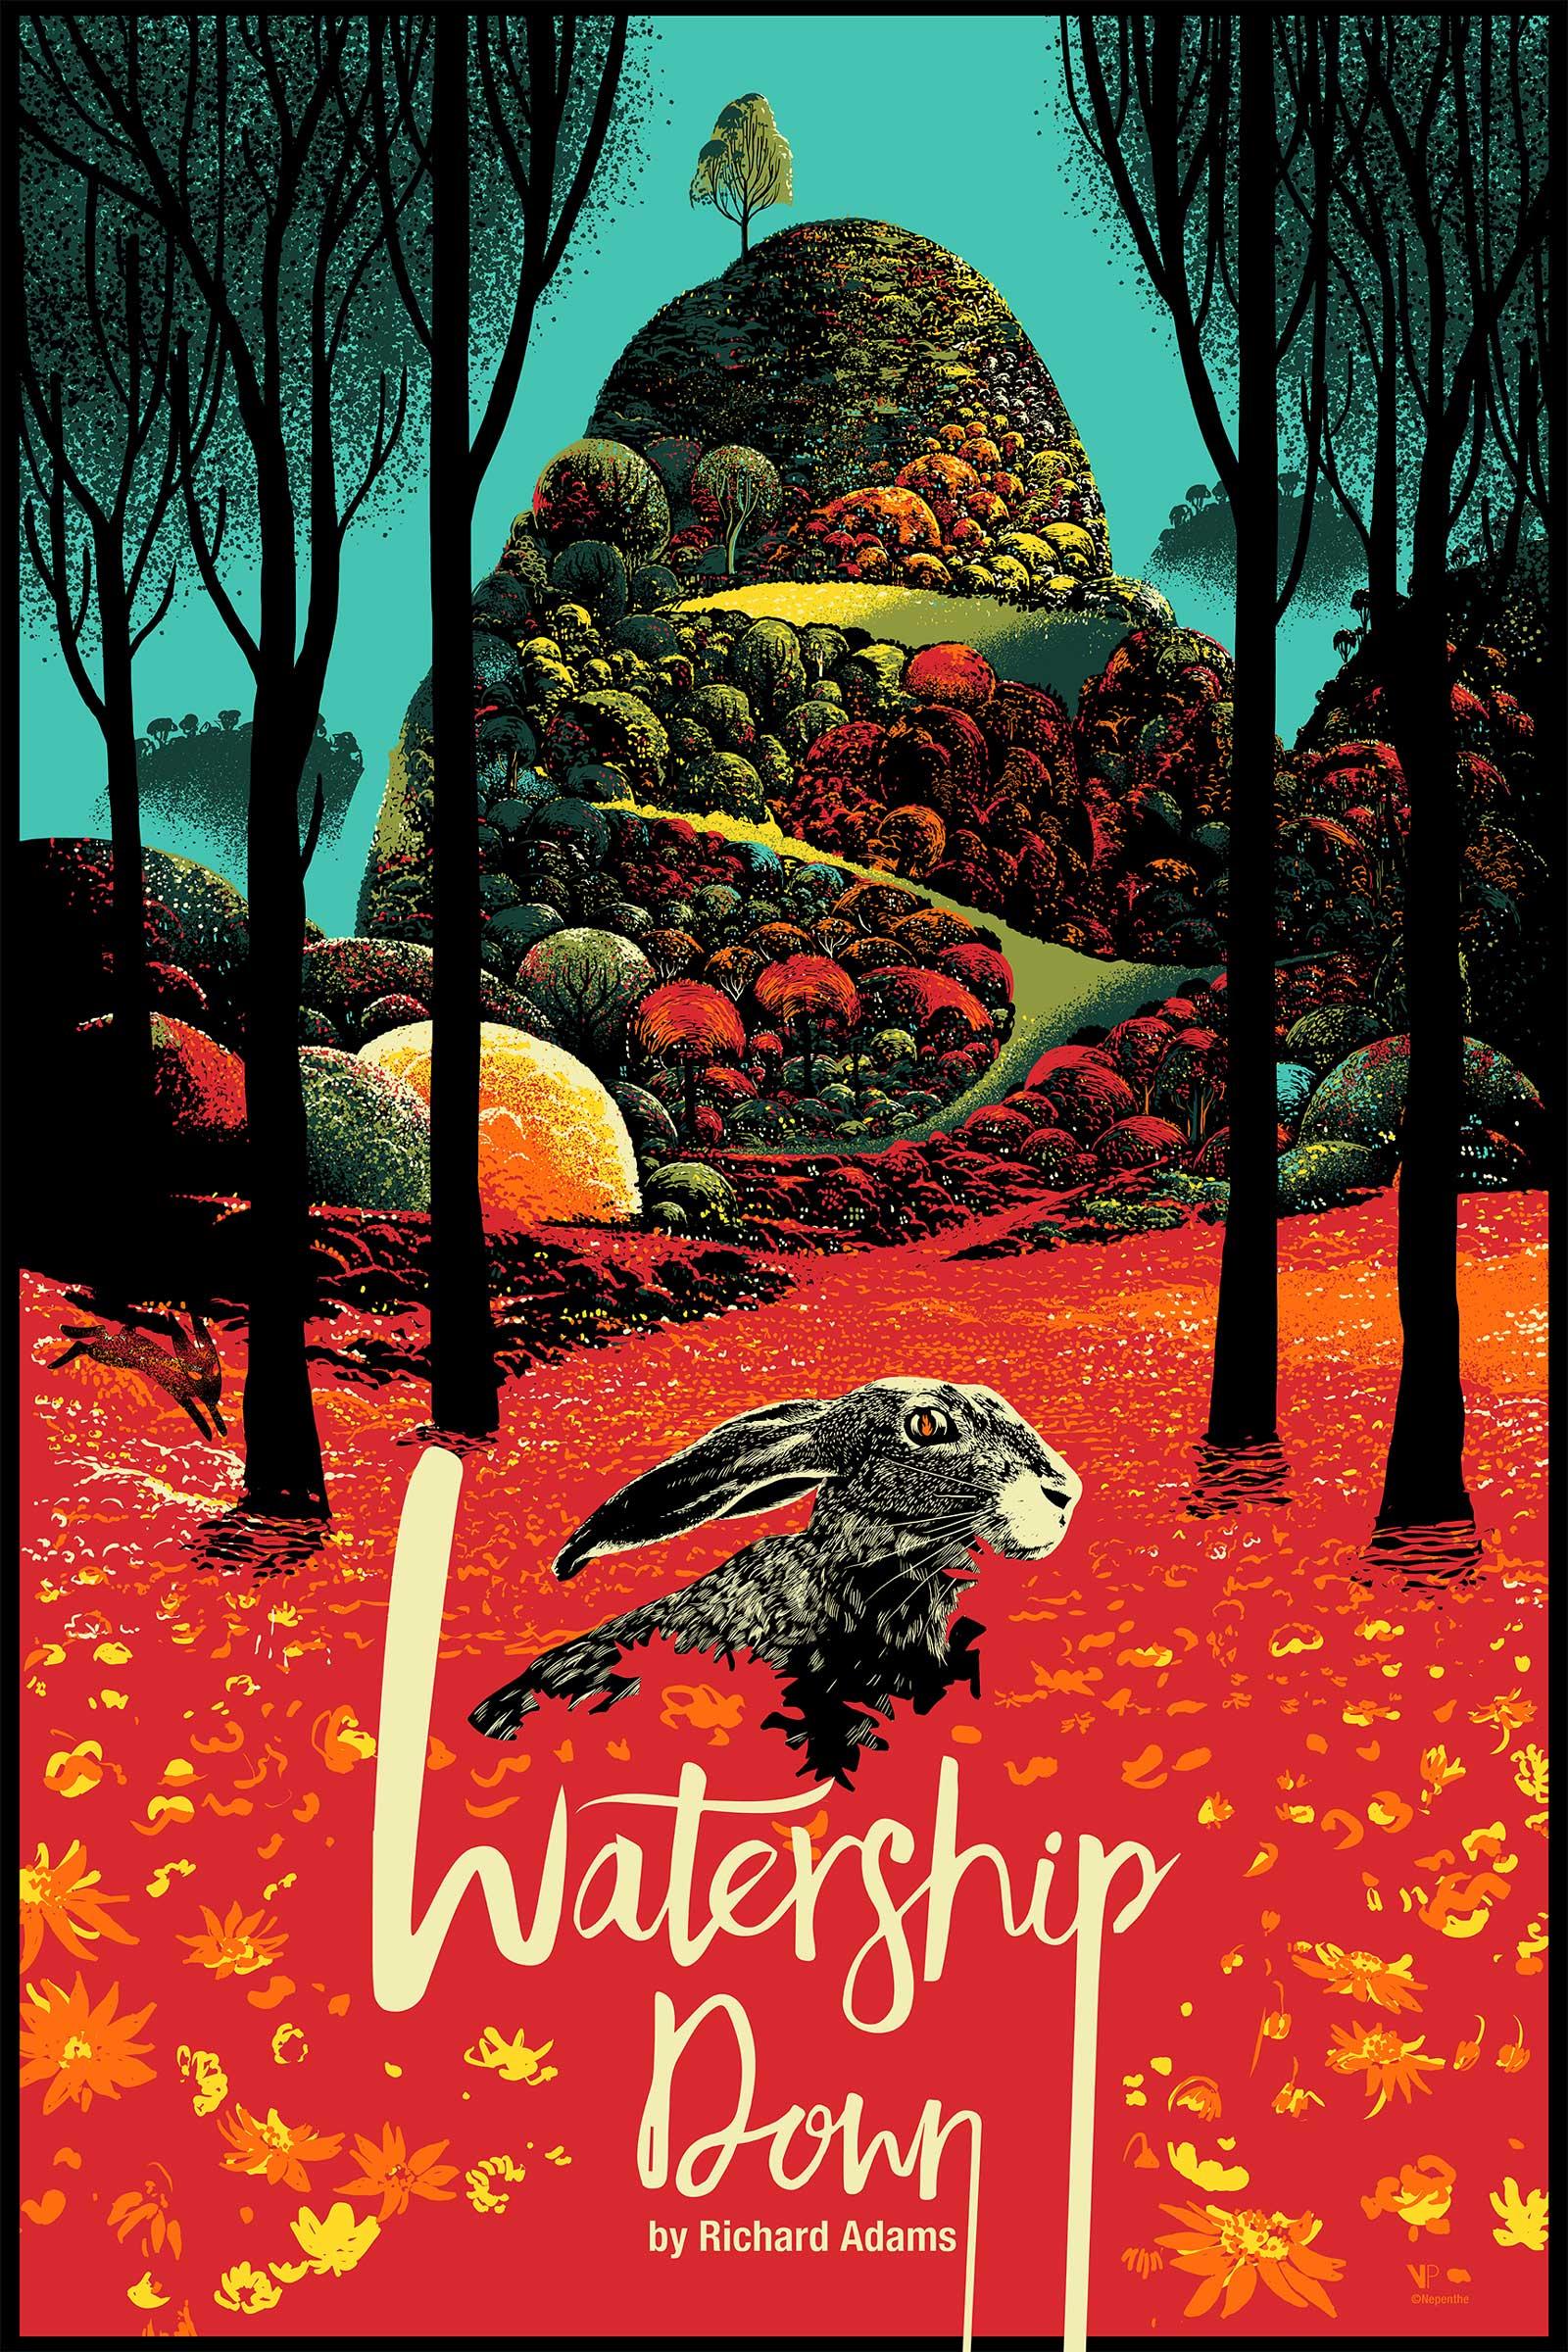 Watership Down Poster - Radi71